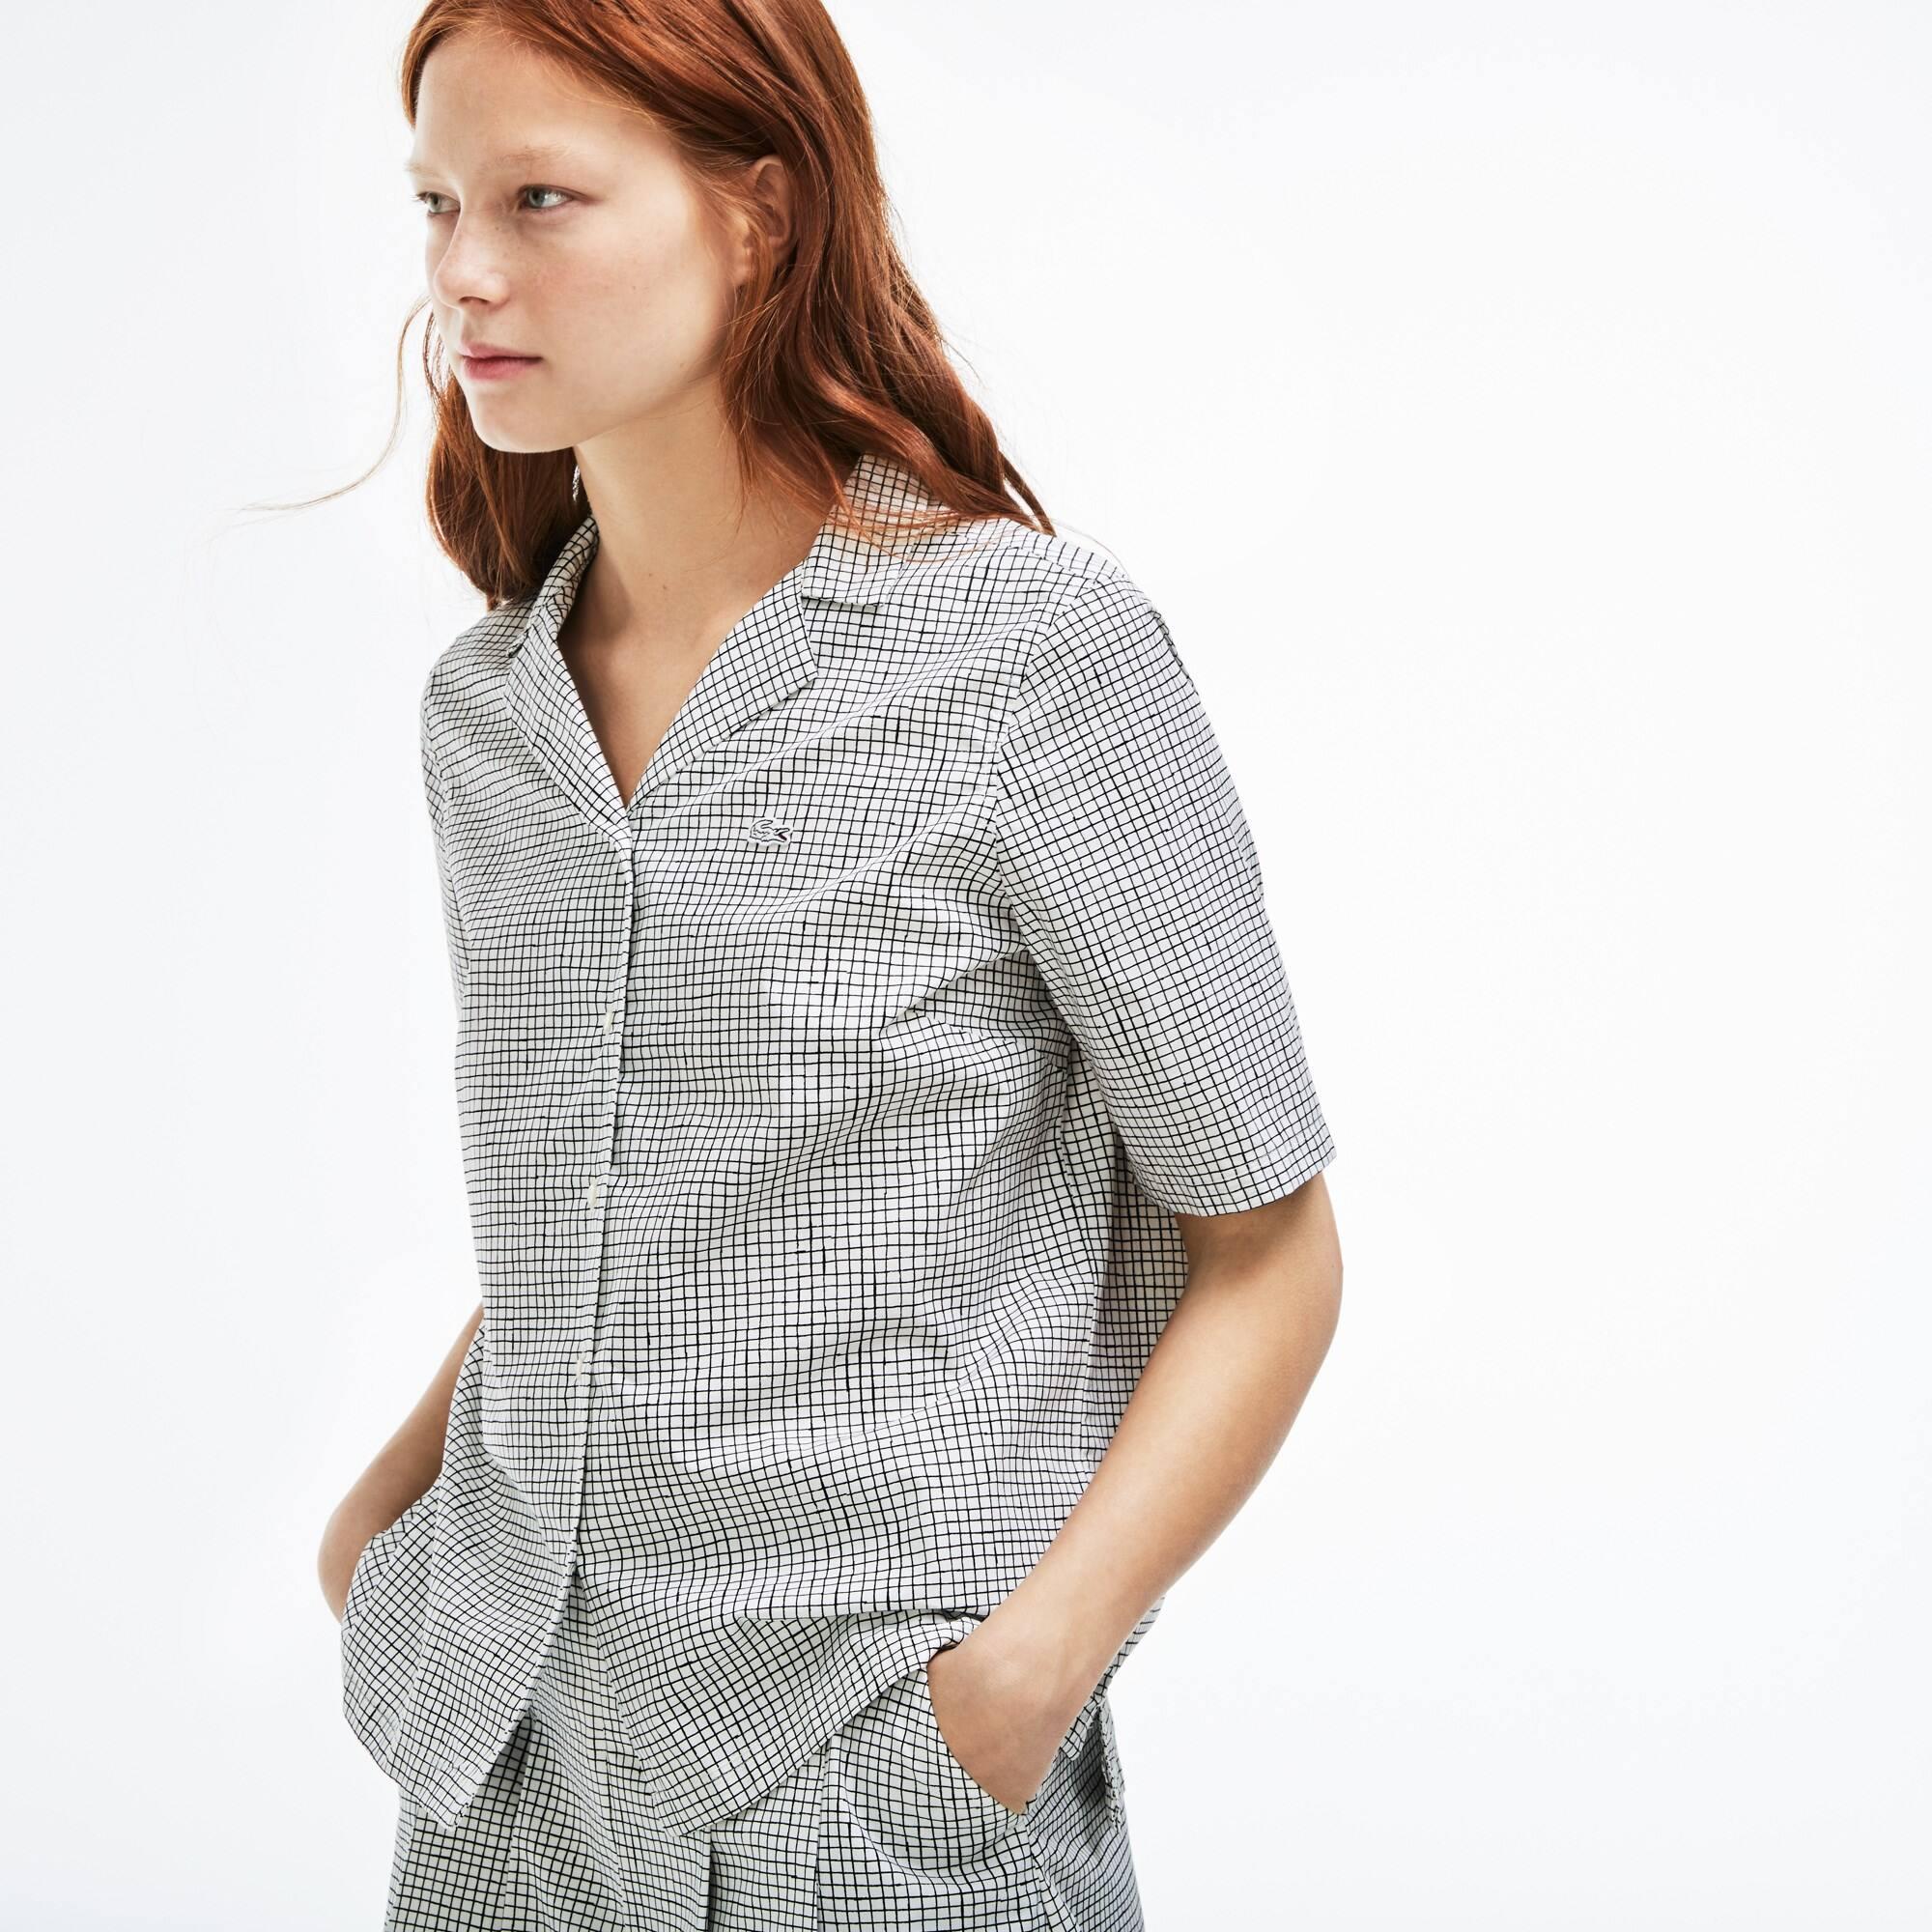 Damen-Bluse aus bedruckter Popeline LACOSTE L!VE